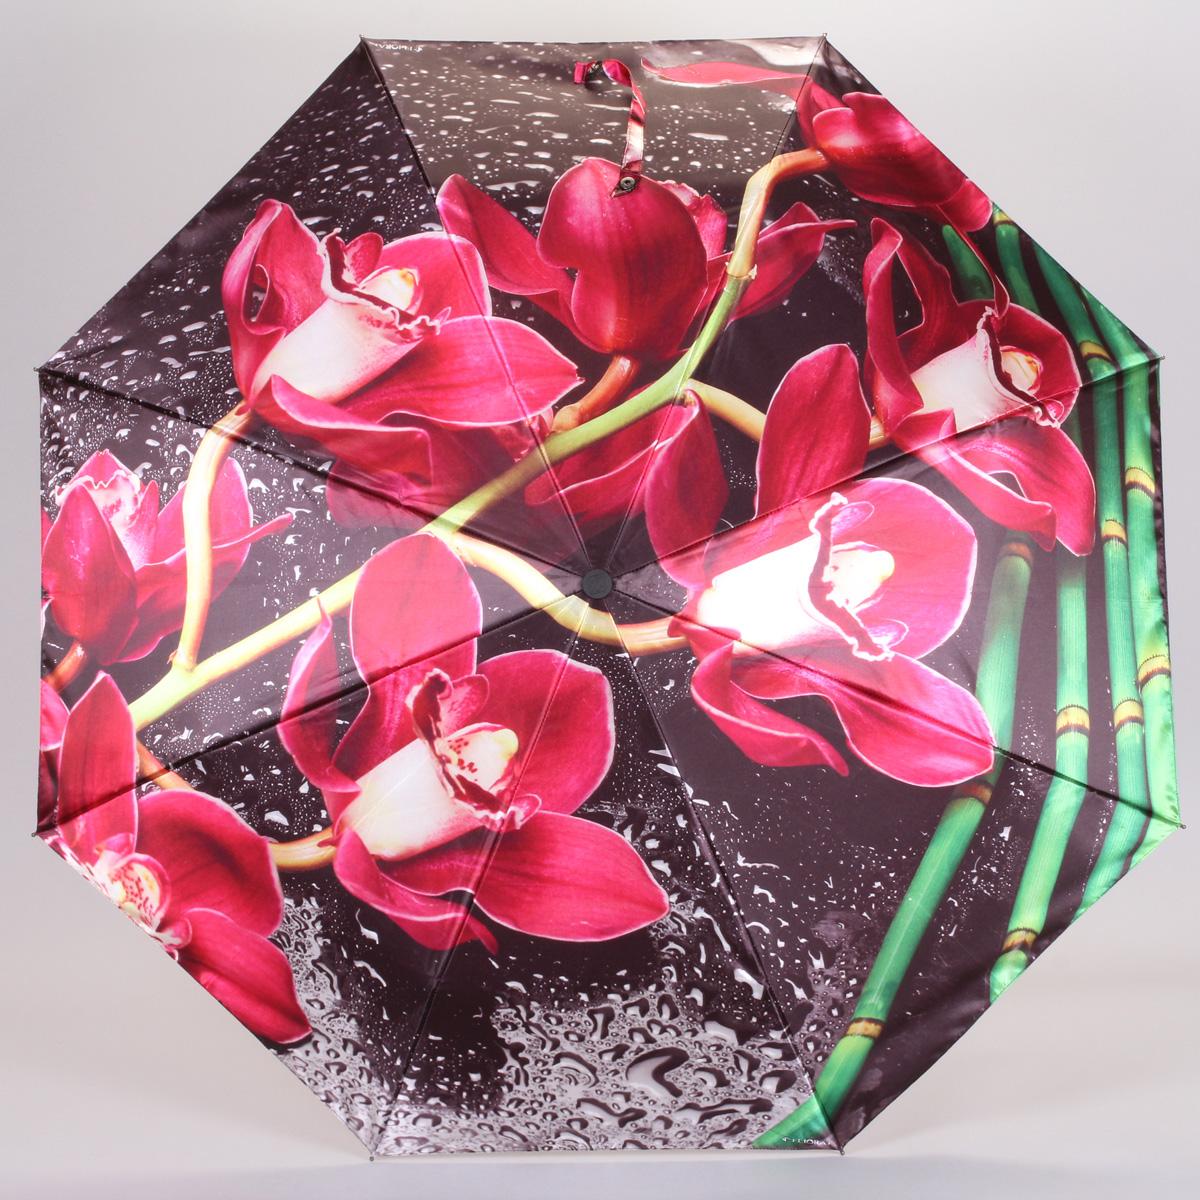 Зонт женский Flioraj Орхидея, автомат, 3 сложения. 013-033FJ013-033FJСтильный автоматический зонт Flioraj Орхидея в 3 сложения даже в ненастную погоду позволит вам оставаться стильной и элегантной. Каркас зонта из анодированной стали состоит из восьми карбоновых спиц, оснащен удобной прорезиненной рукояткой. Зонт имеет полный автоматический механизм сложения: купол открывается и закрывается нажатием кнопки на рукоятке, стержень складывается вручную до характерного щелчка, благодаря чему открыть и закрыть зонт можно одной рукой, что чрезвычайно удобно при входе в транспорт или помещение. Купол зонта выполнен из прочного сатина черного цвета и оформлен изображением бамбука и цветков орхидеи. На рукоятке для удобства есть небольшой шнурок-резинка, позволяющий надеть зонт на руку тогда, когда это будет необходимо. К зонту прилагается чехол.